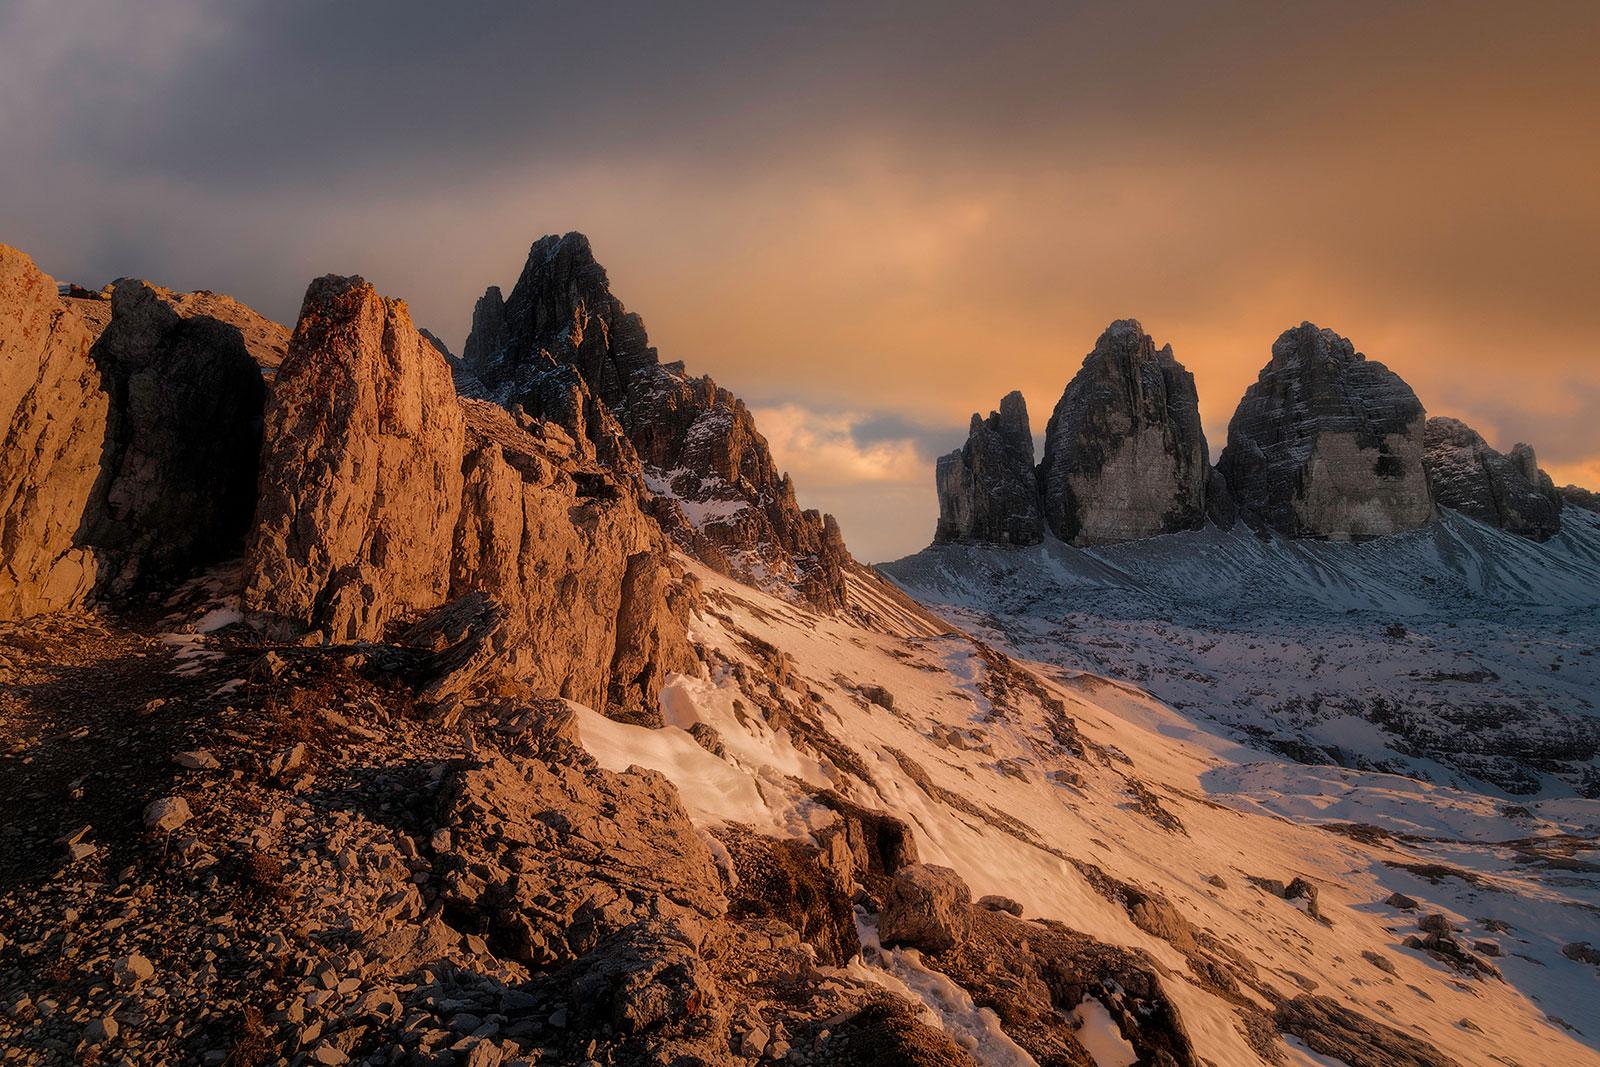 Giuseppe Terranova lanscape photography